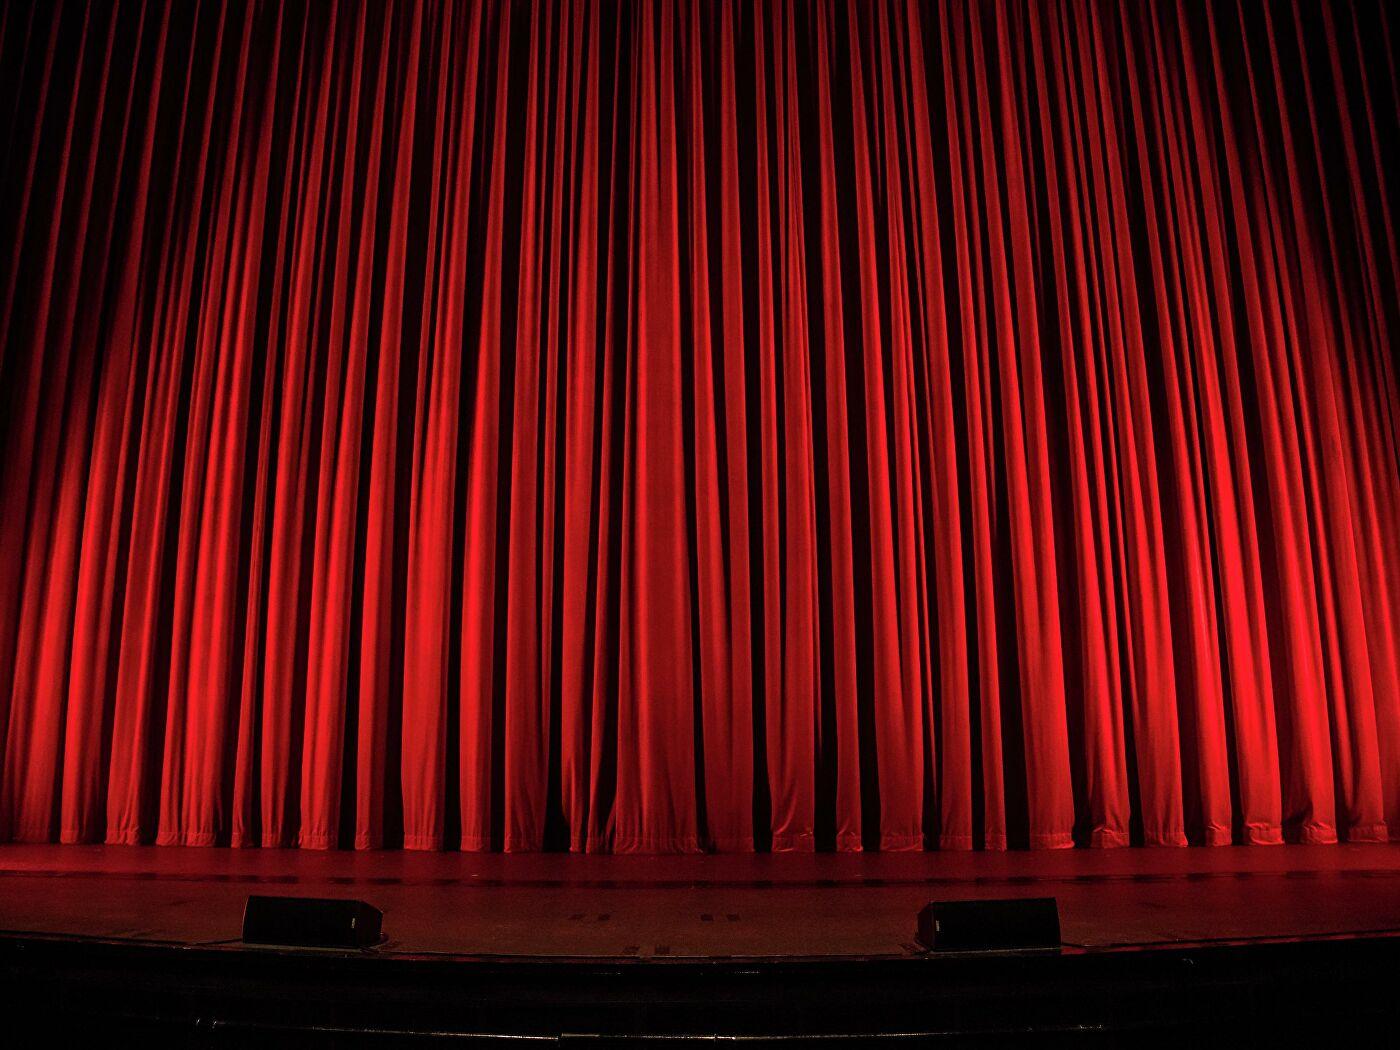 В СОГАТ отменили спектакли из-за ситуации с распространением коронавируса